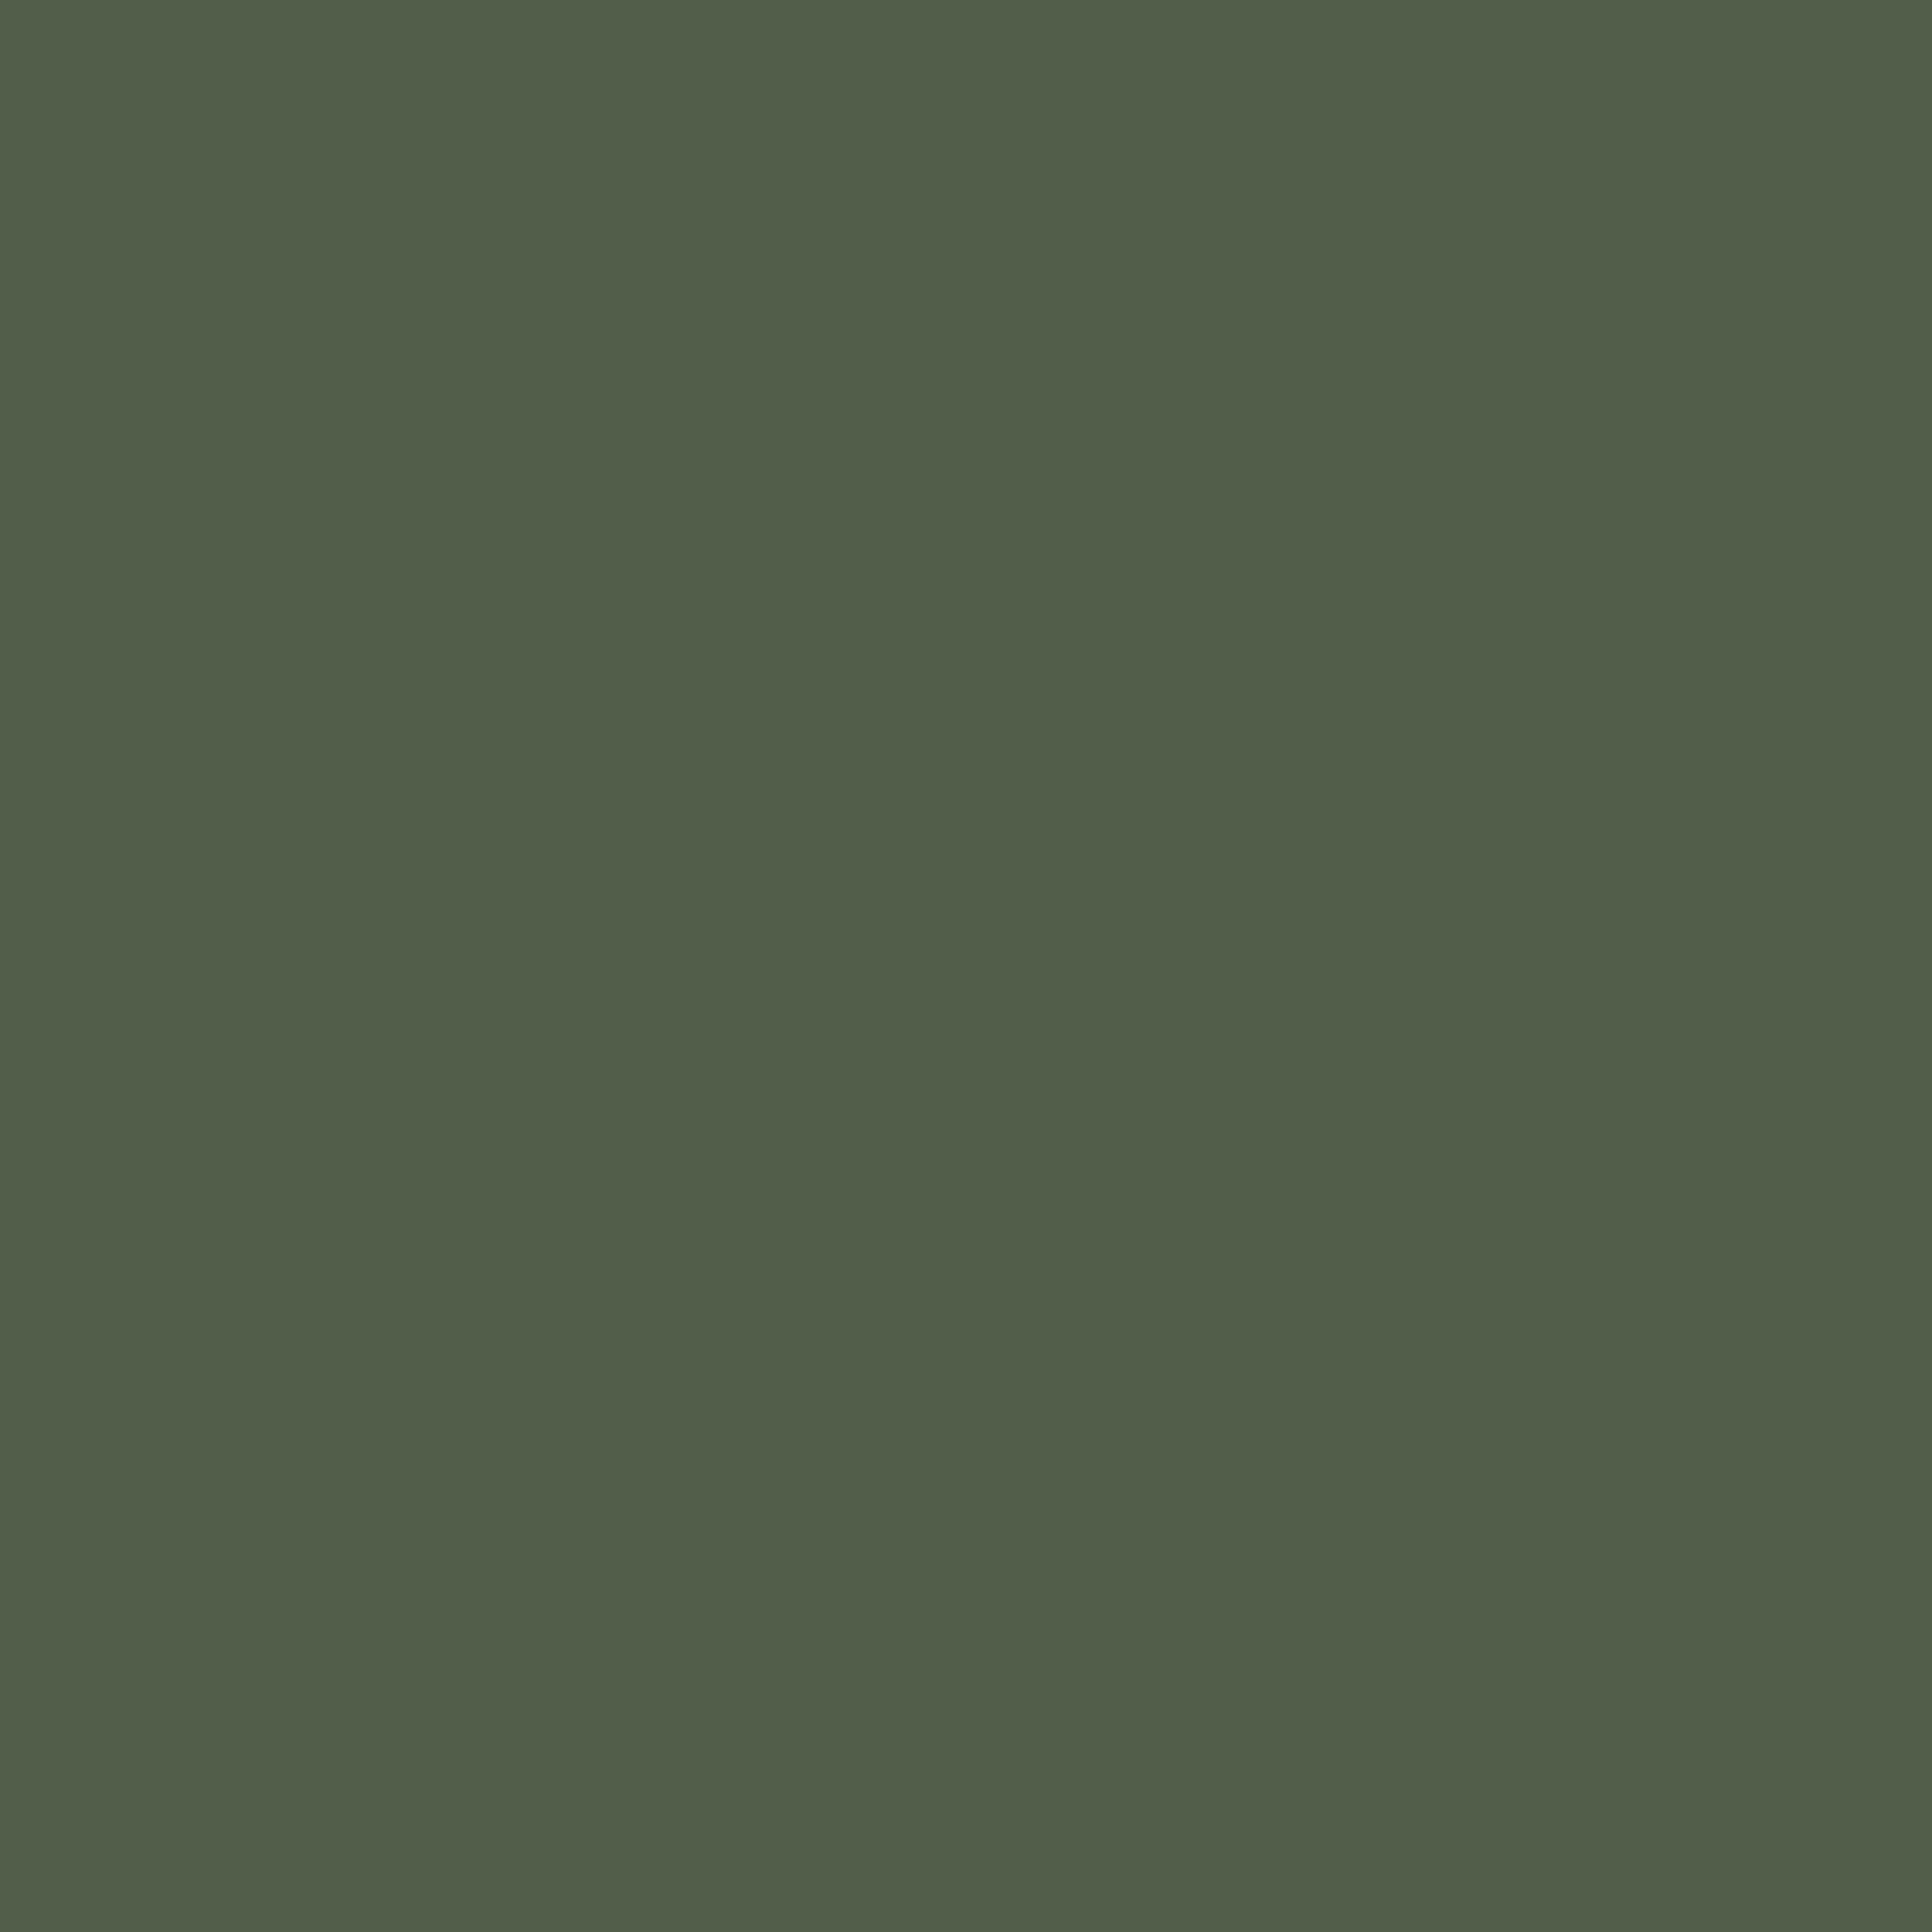 Poliplex Liso Verde Exército